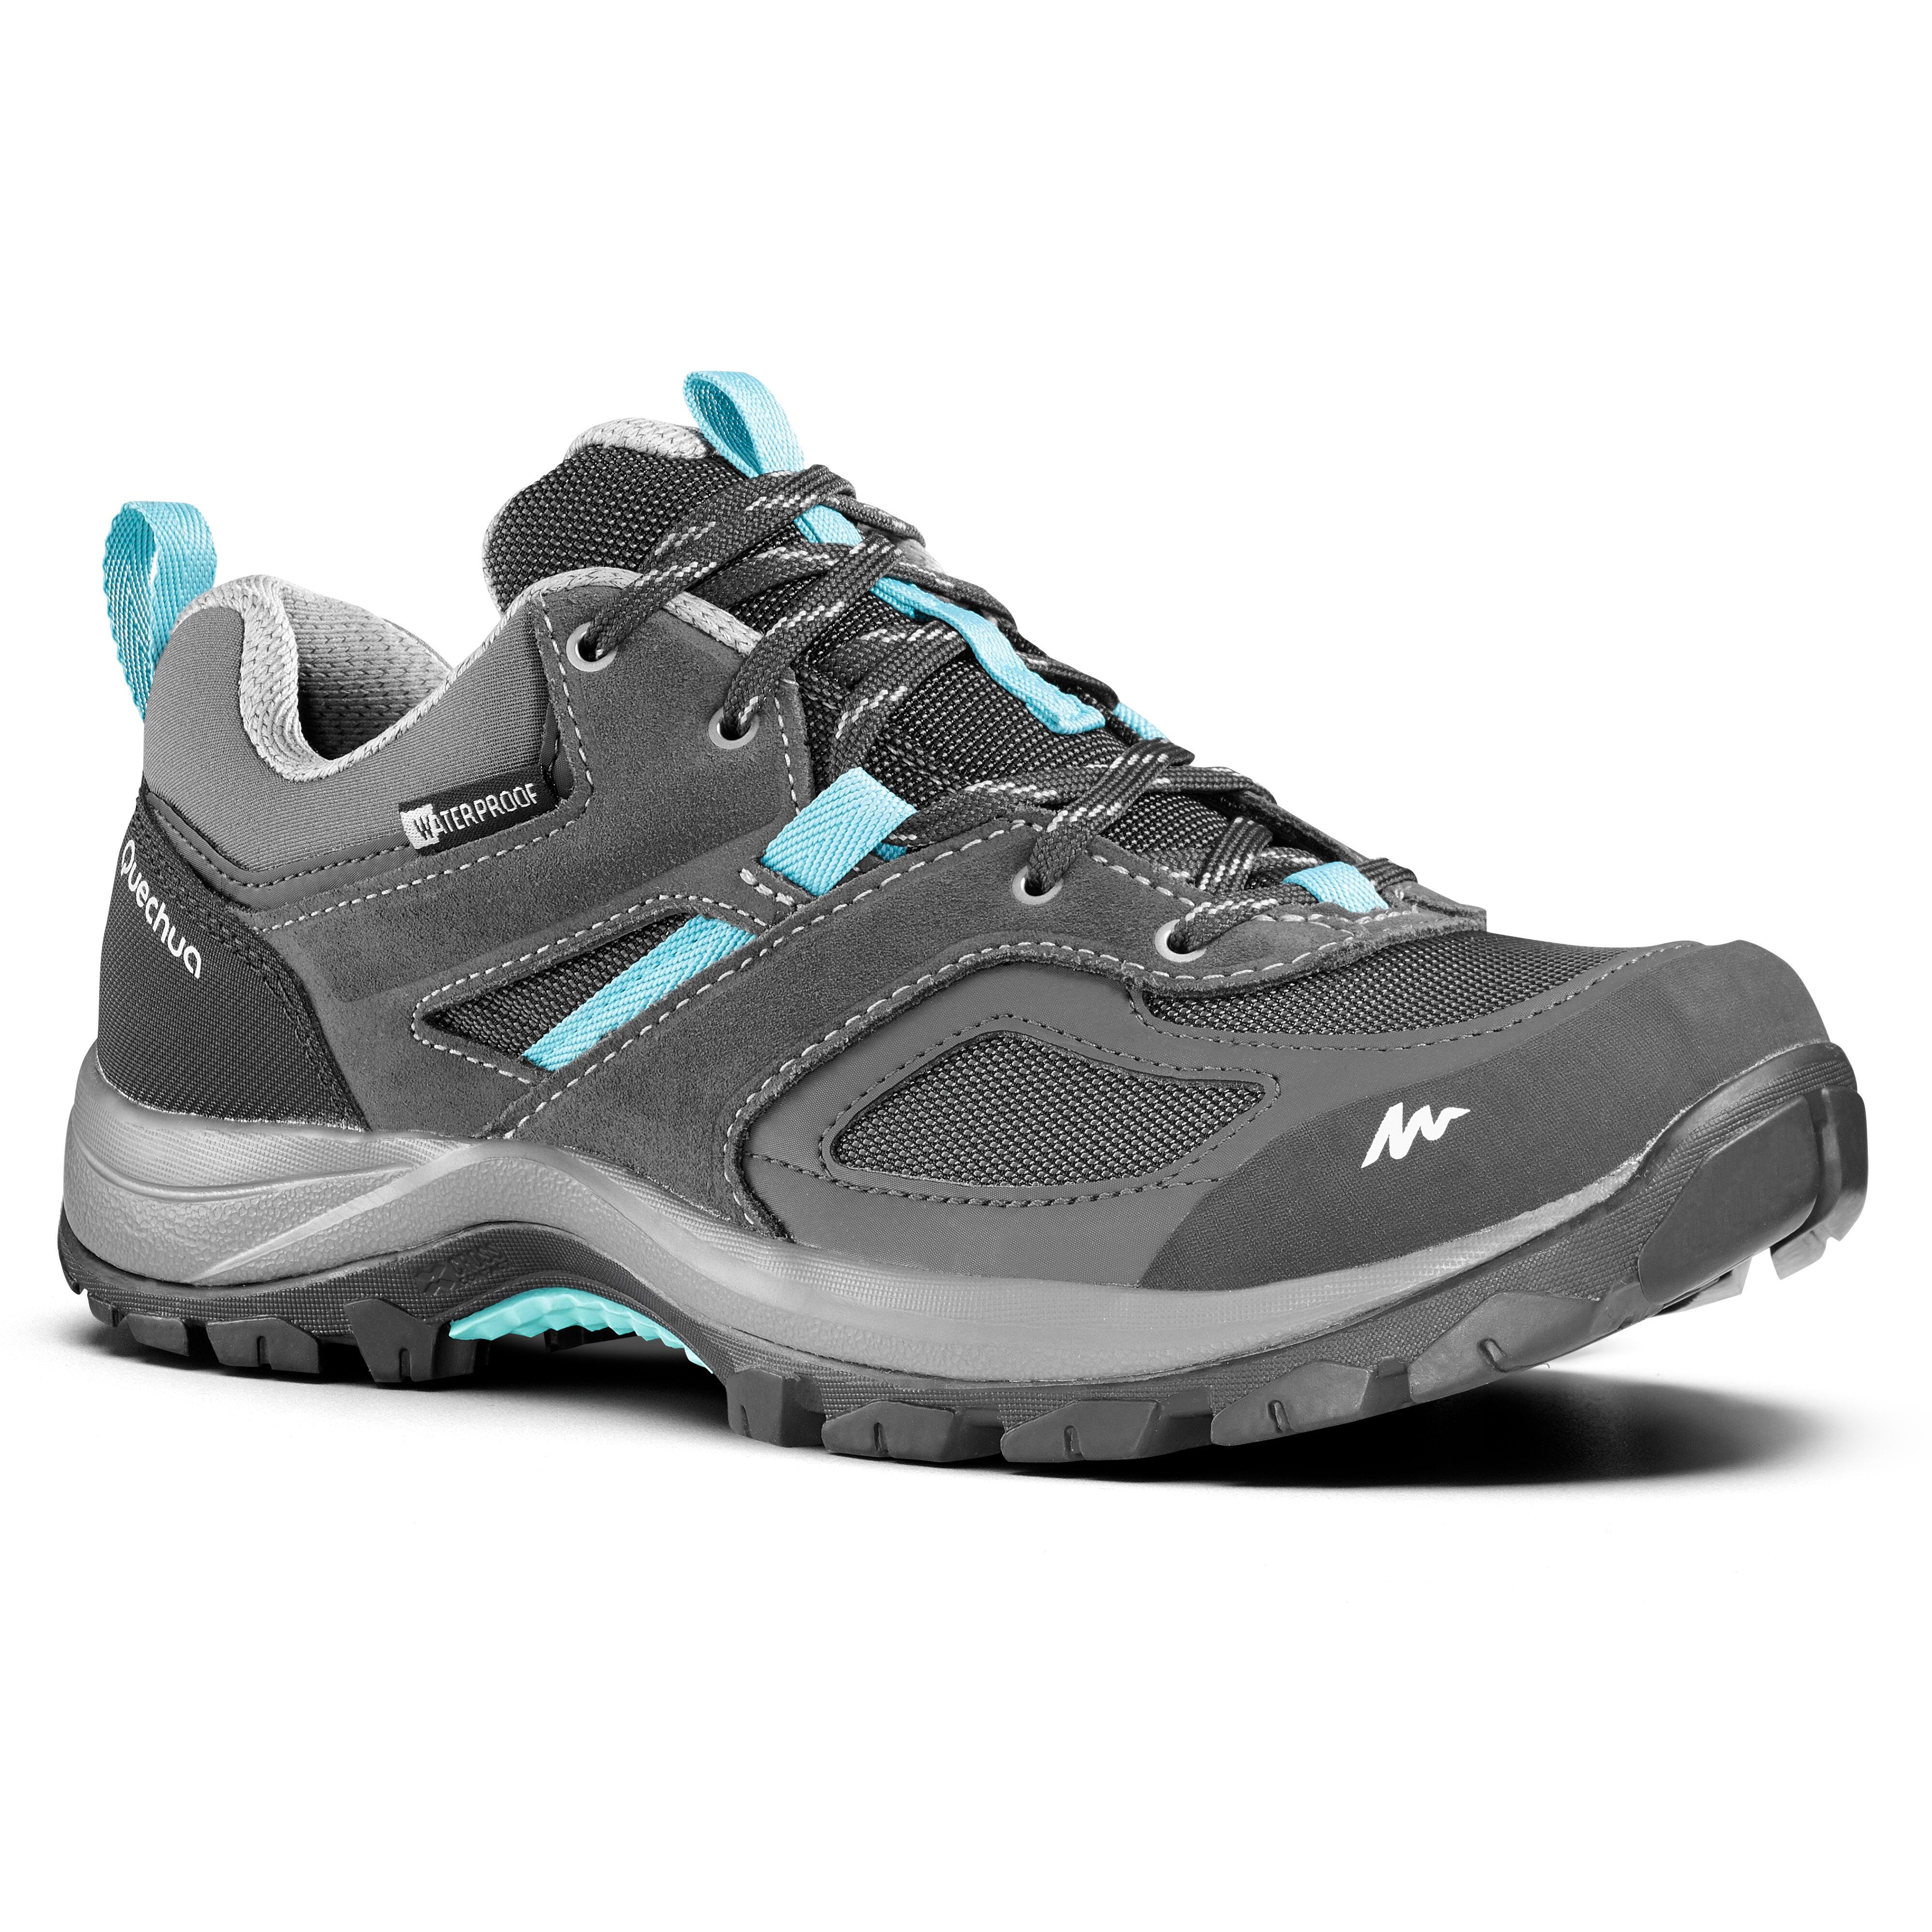 Chaussures de randonnée montagne femme MH100 imperméables Gris Bleu - Quechua